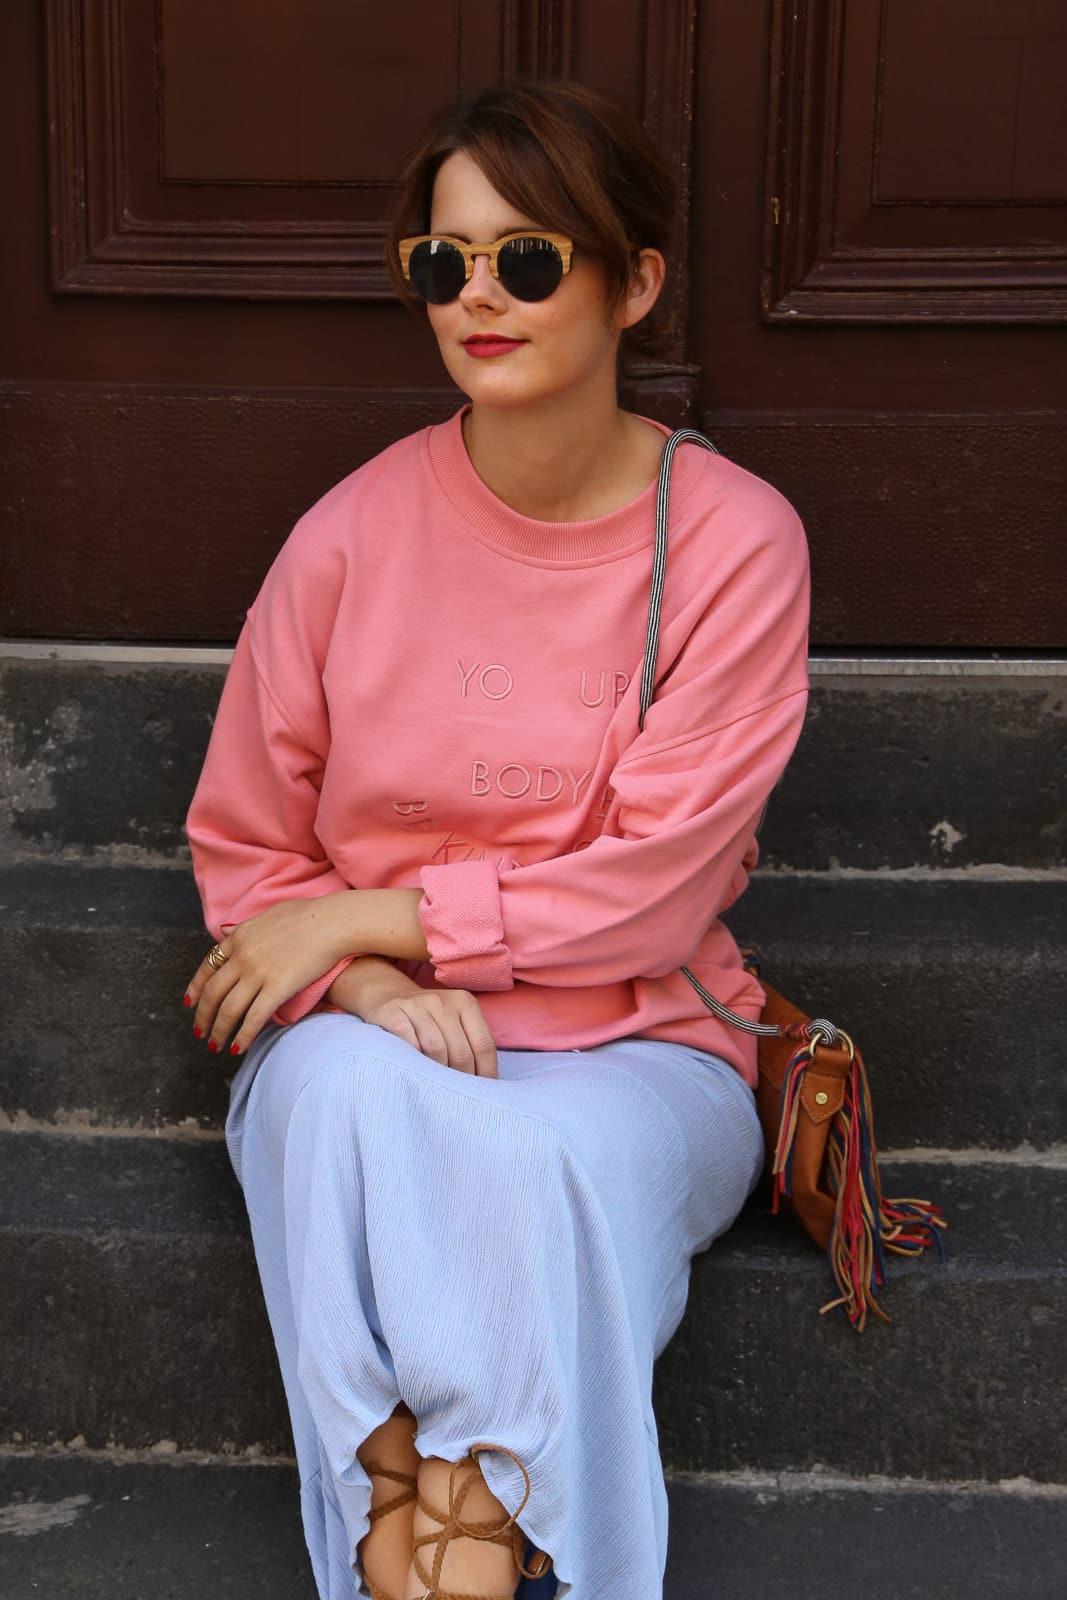 Maxikleid im Herbst: Stylingtipp – Pullover über Kleid tragen